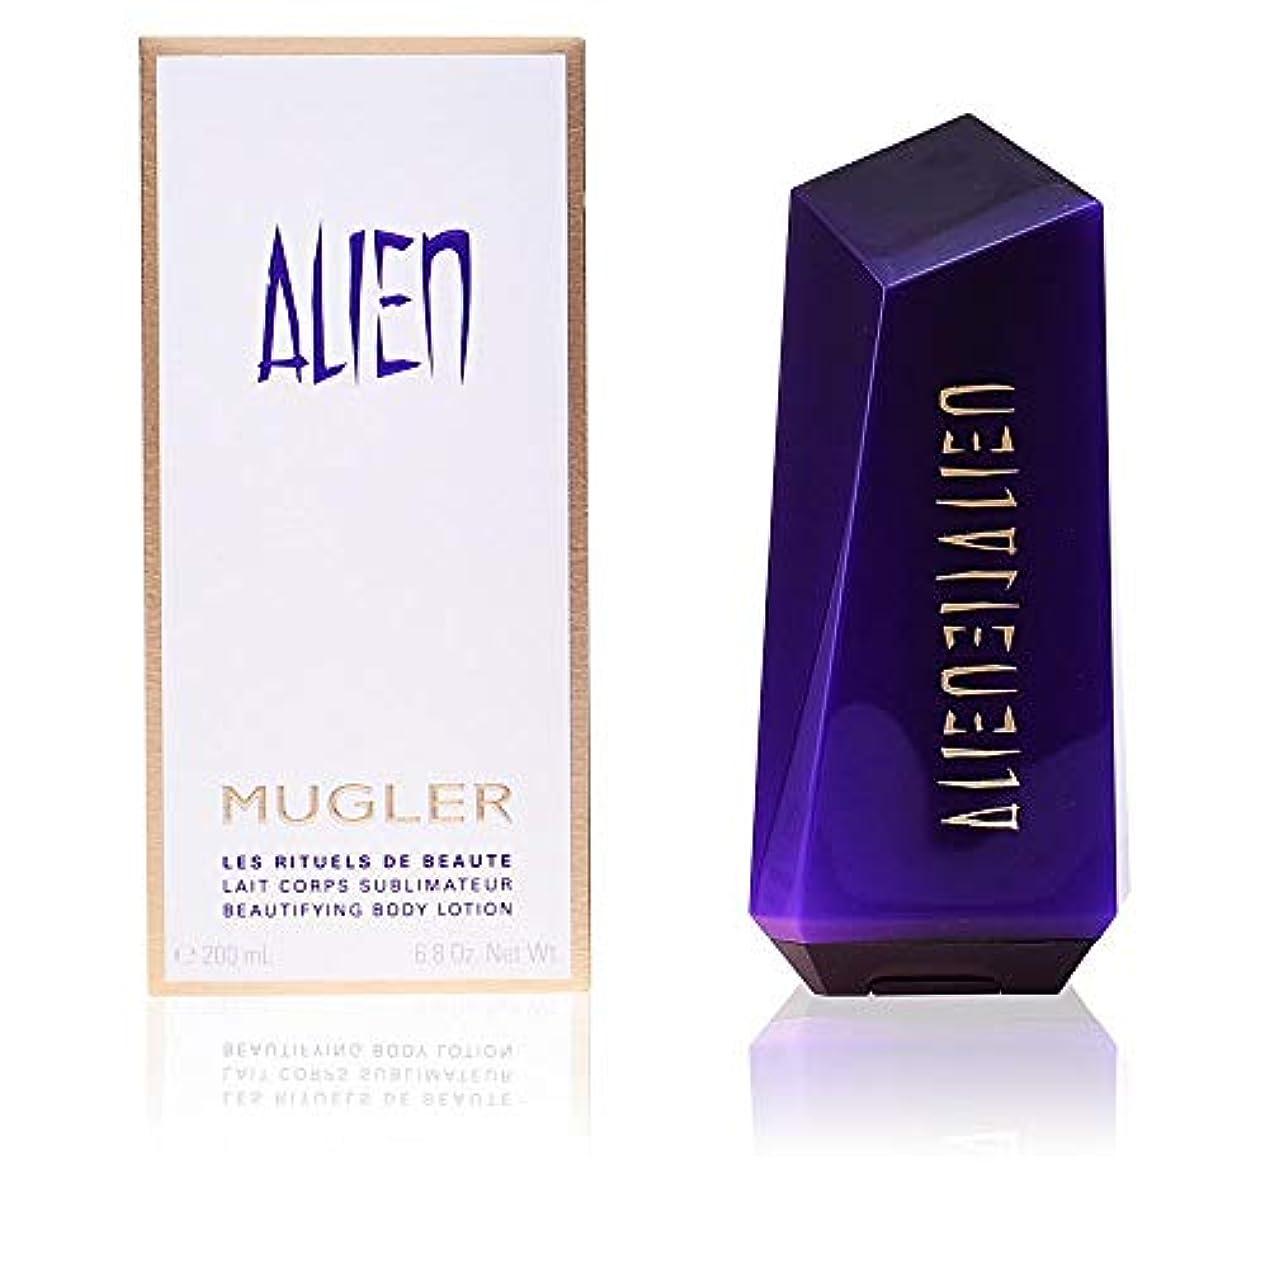 発掘するお風呂解説Alien (エイリアン) 6.8 oz (200ml) Body Lotion ボディーローション EDP by Thierry Mugler